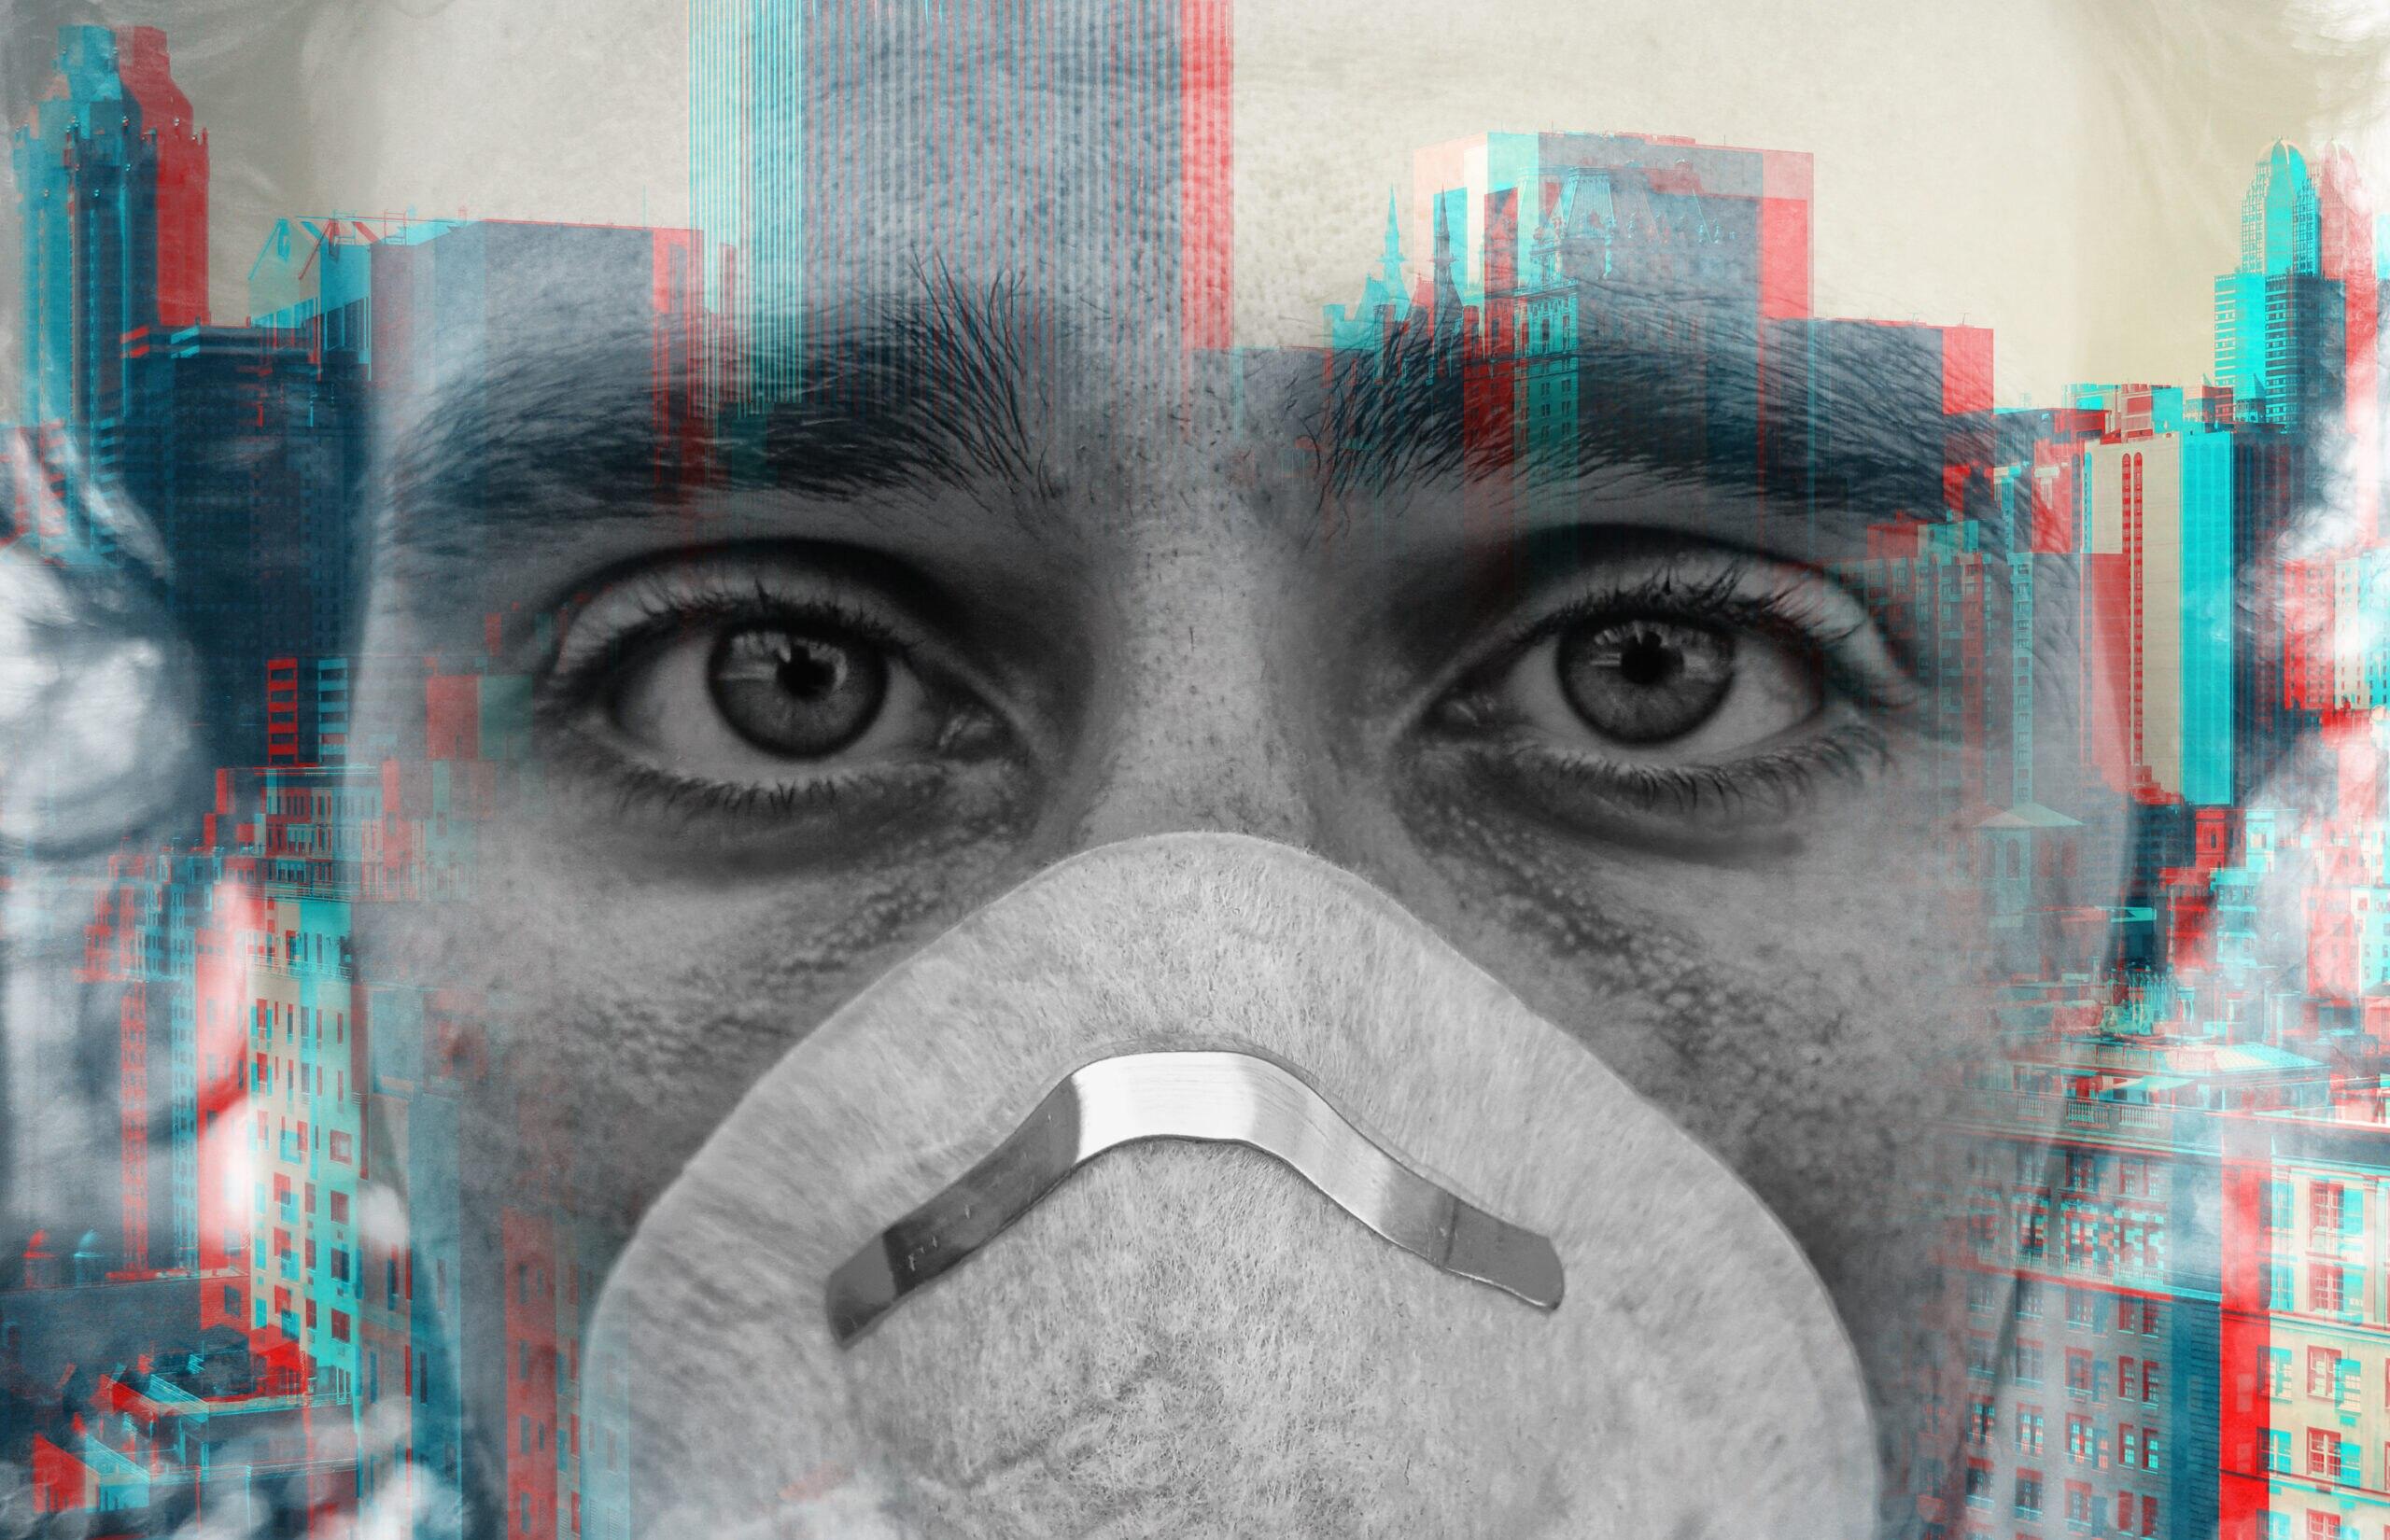 Corona-Schutzmaßnahme: WHO empfiehlt Maske auch zu Hause